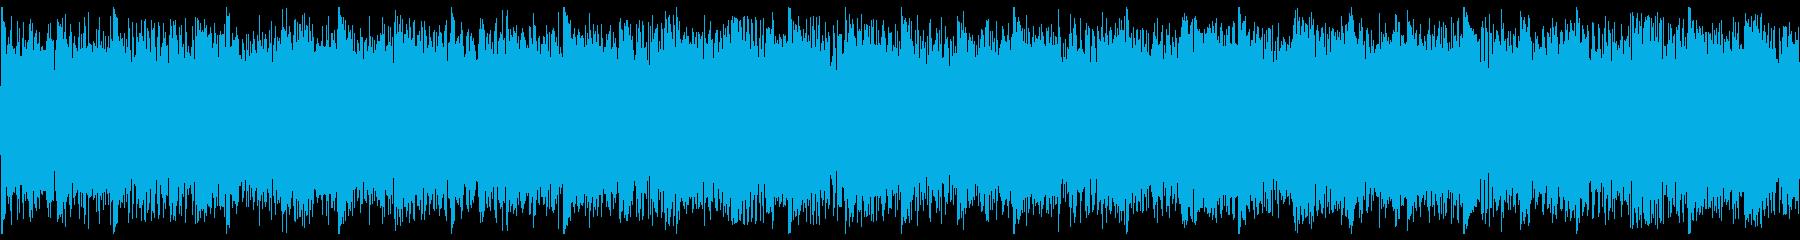 未来的で攻撃的なトラック-ループ1の再生済みの波形